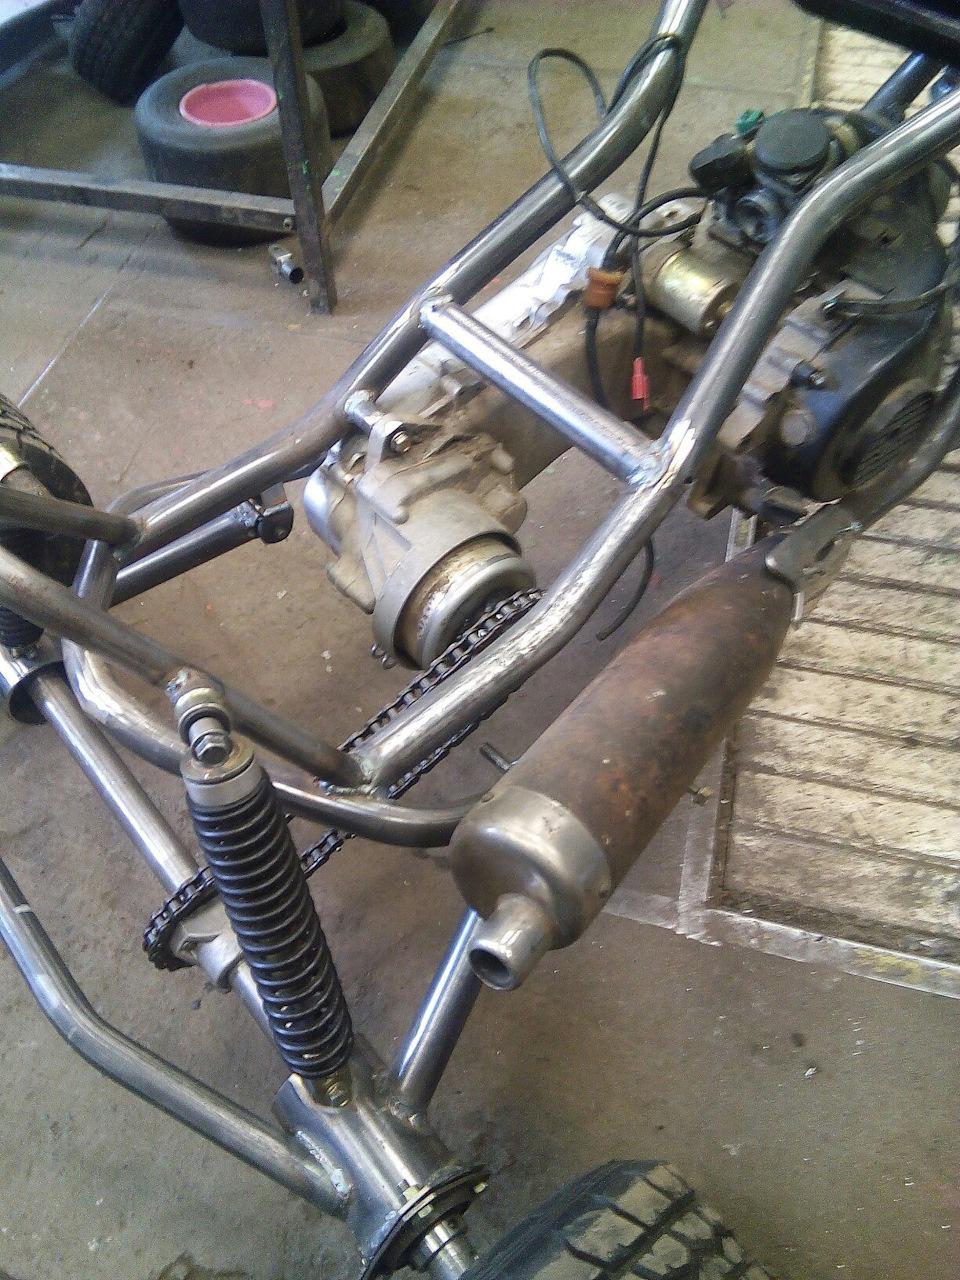 задняя подвеска трицикла фото дыни